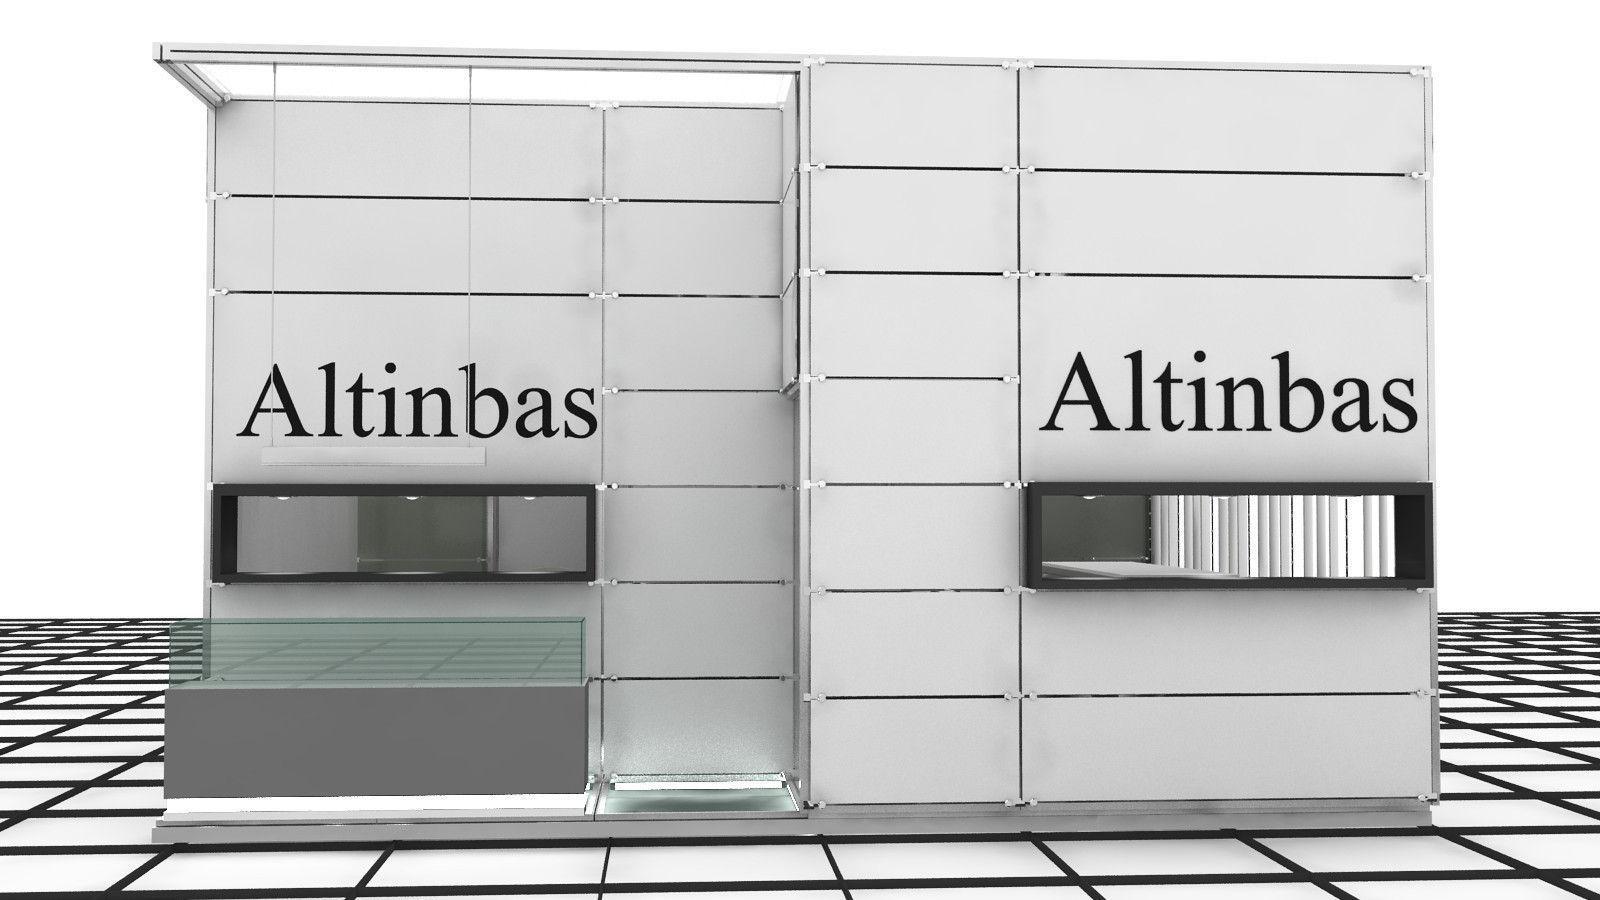 Altinbas Exhibition Stand Design